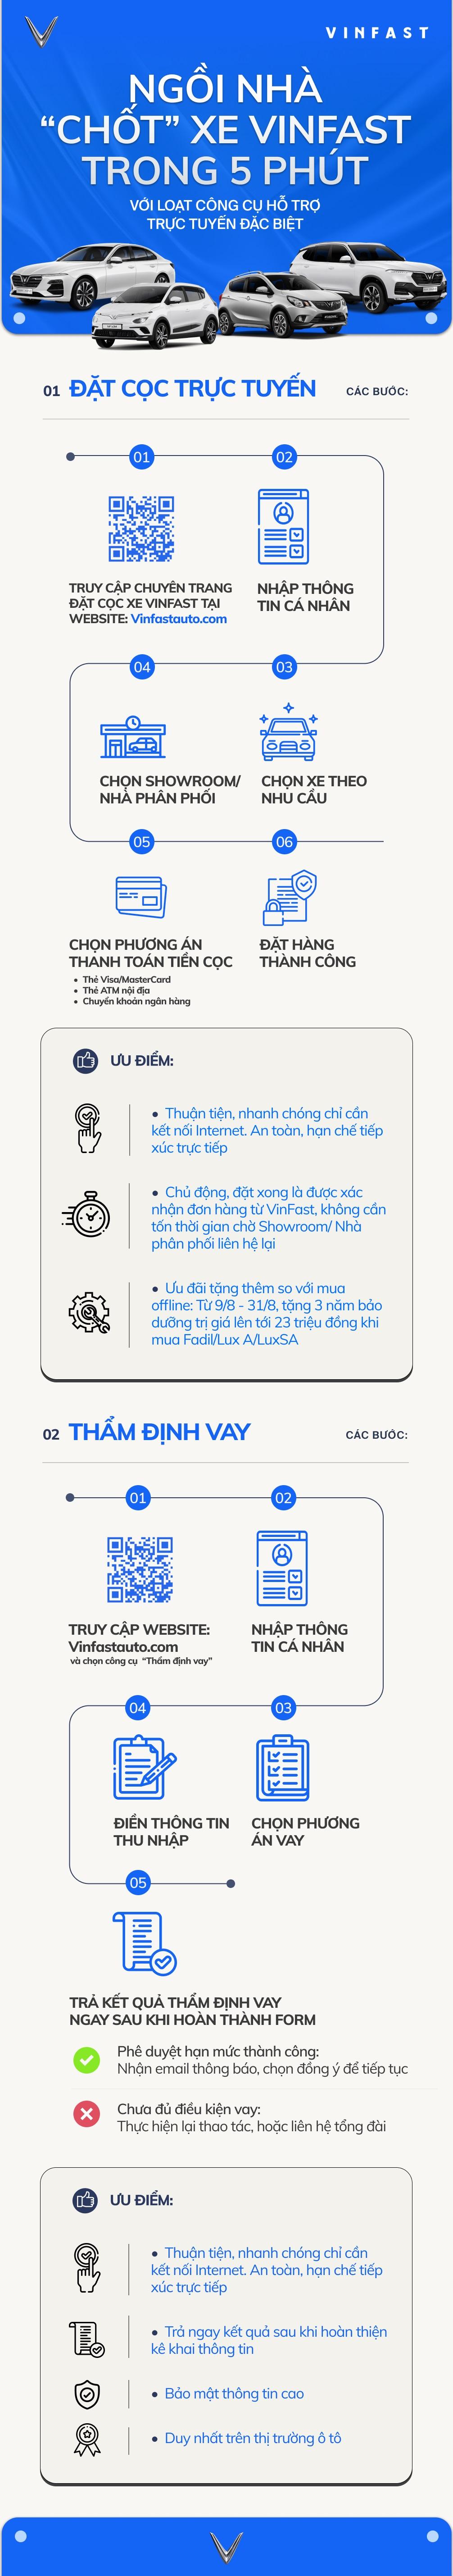 info vinfastmua oto online